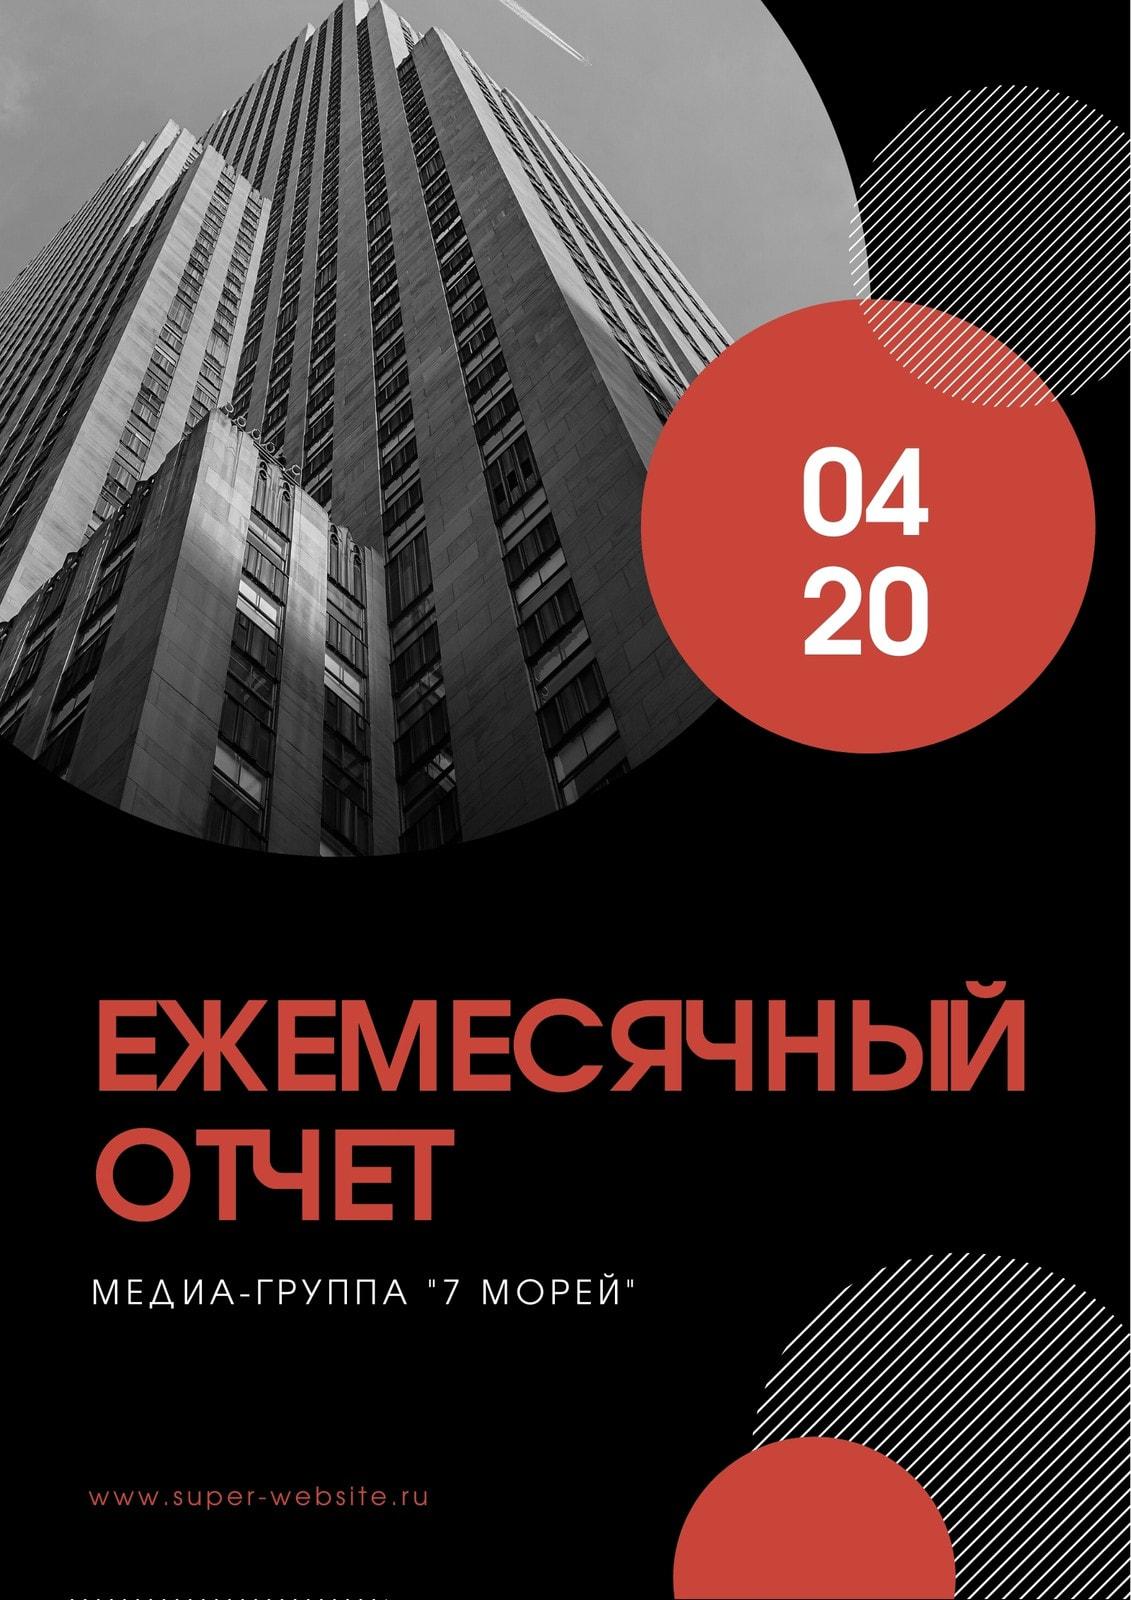 Красный Черный Круги Ежемесячный Отчет